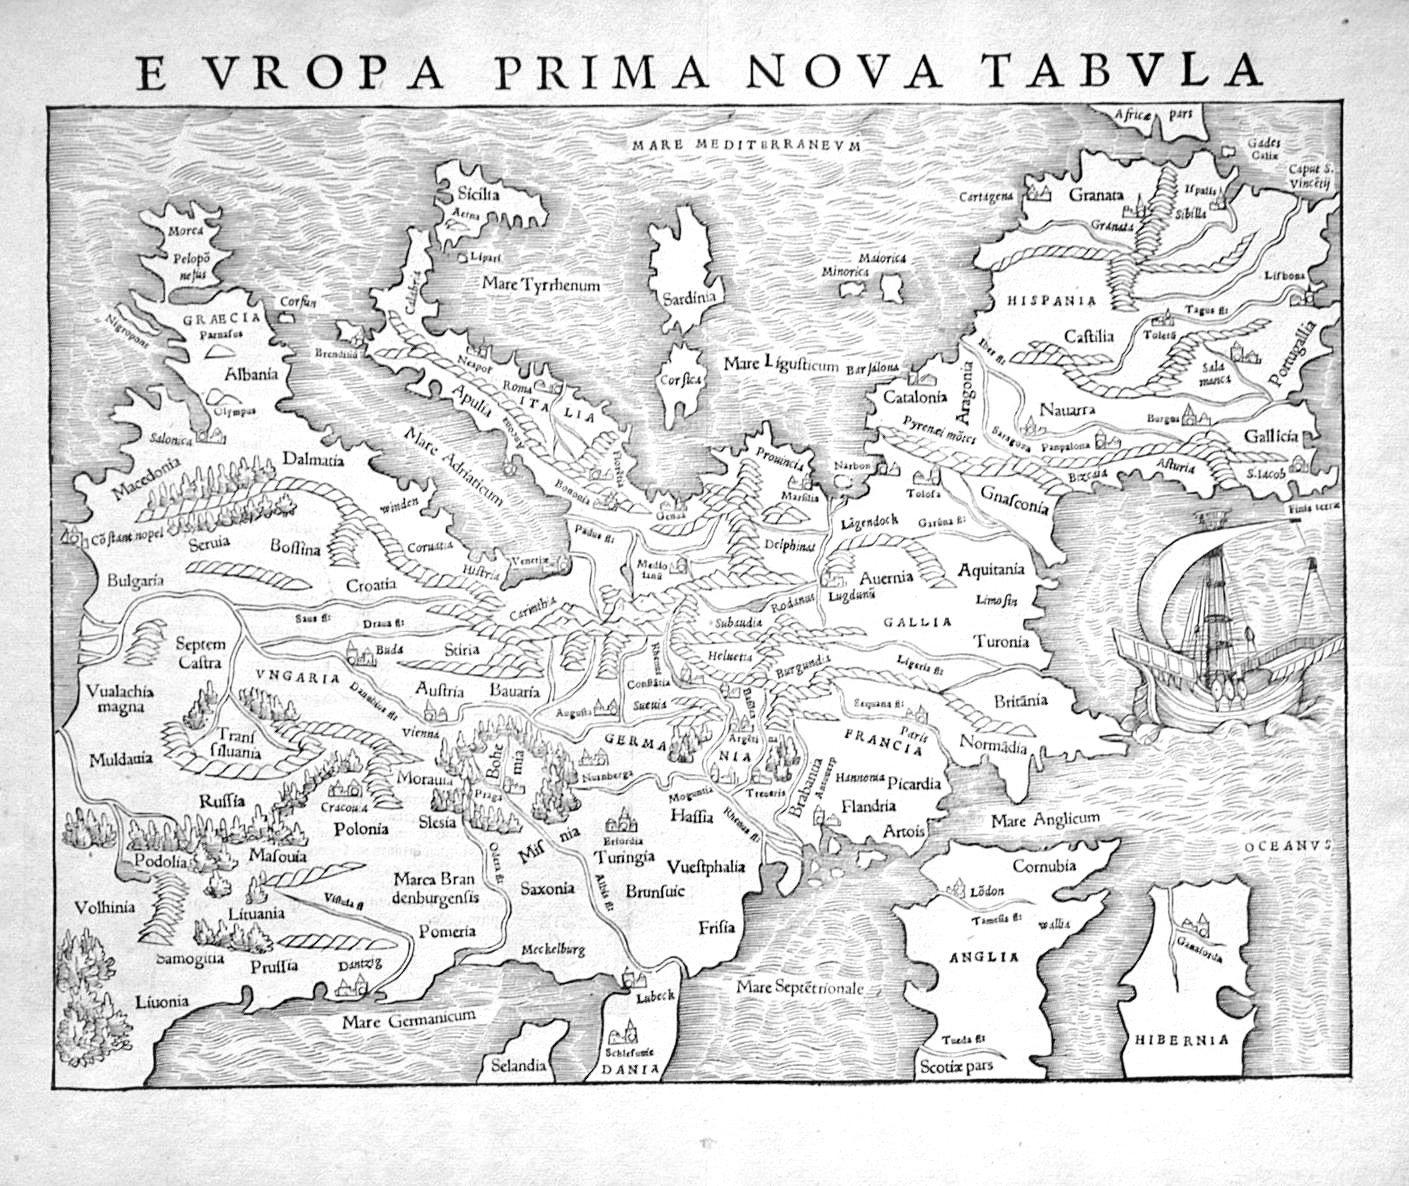 России нету, - карта Европы 16й век